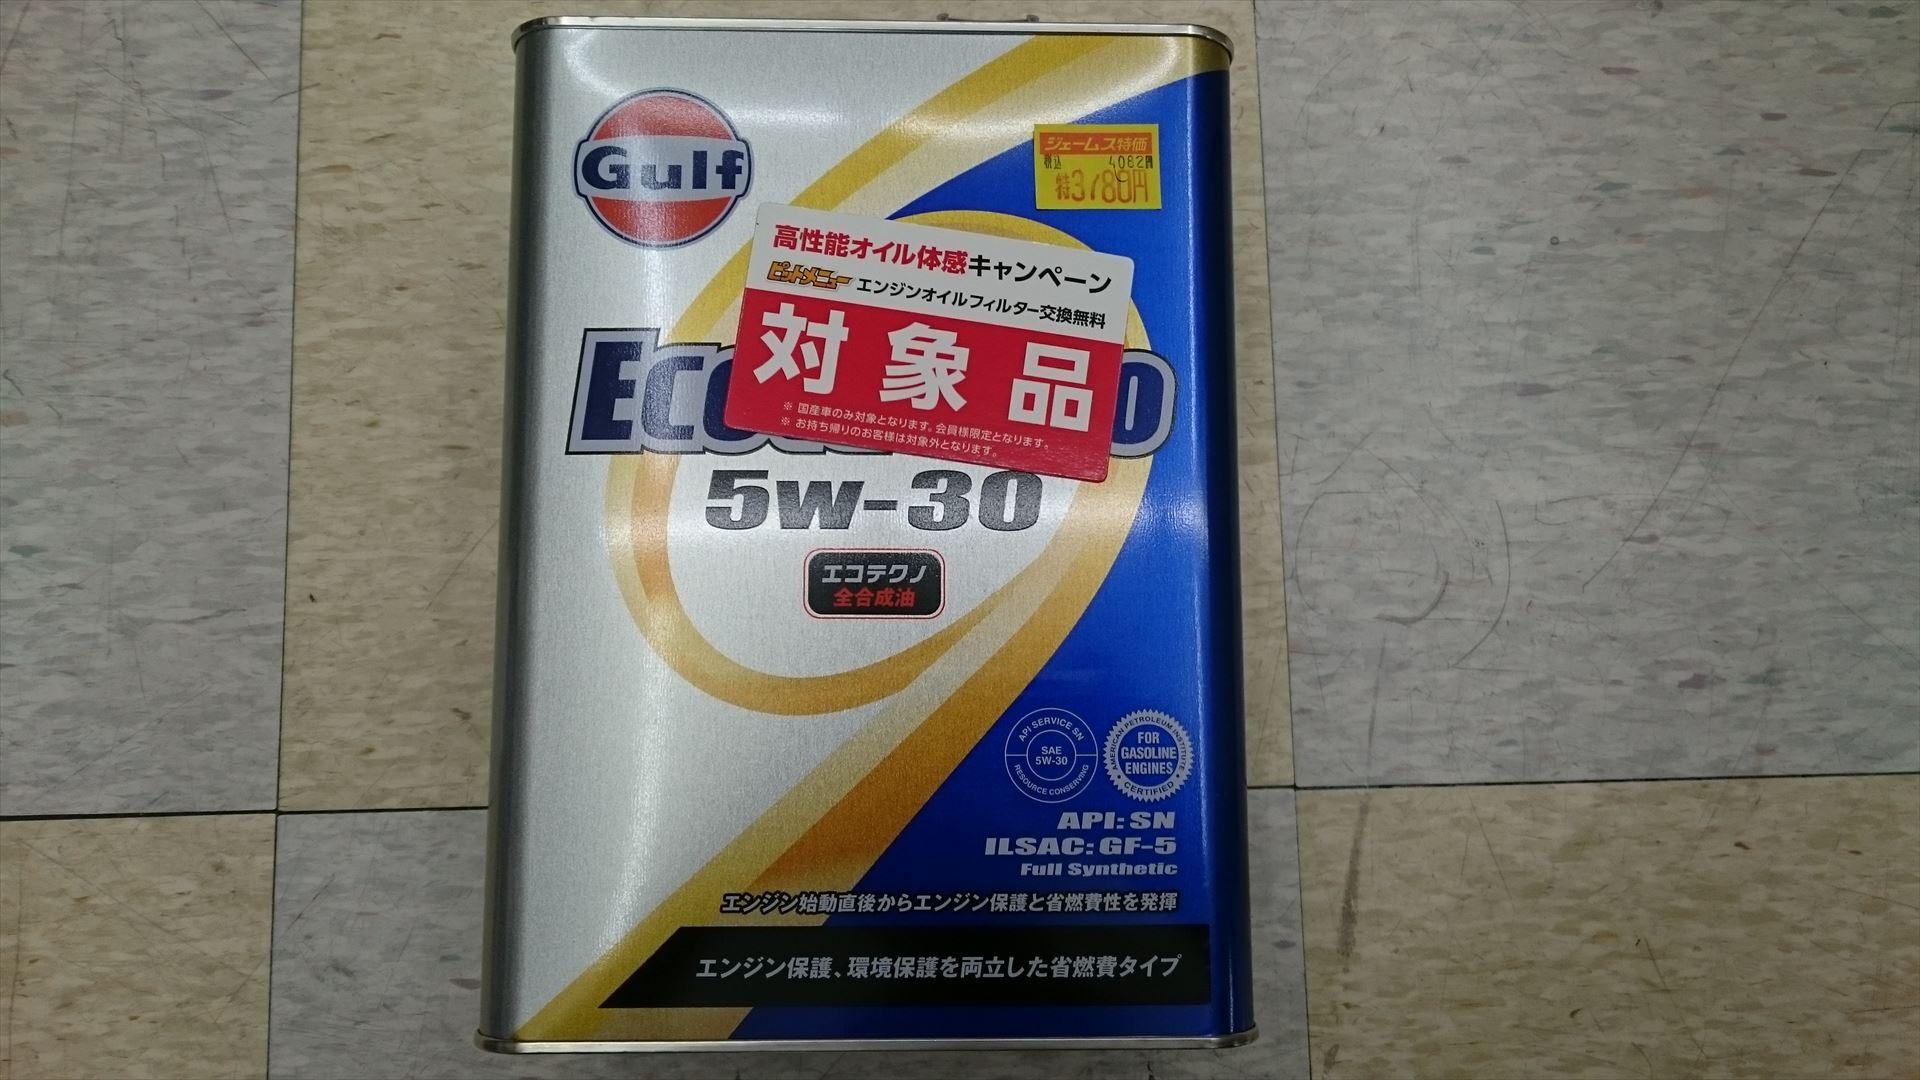 Gulf Gulf Ecotechno 5W-30